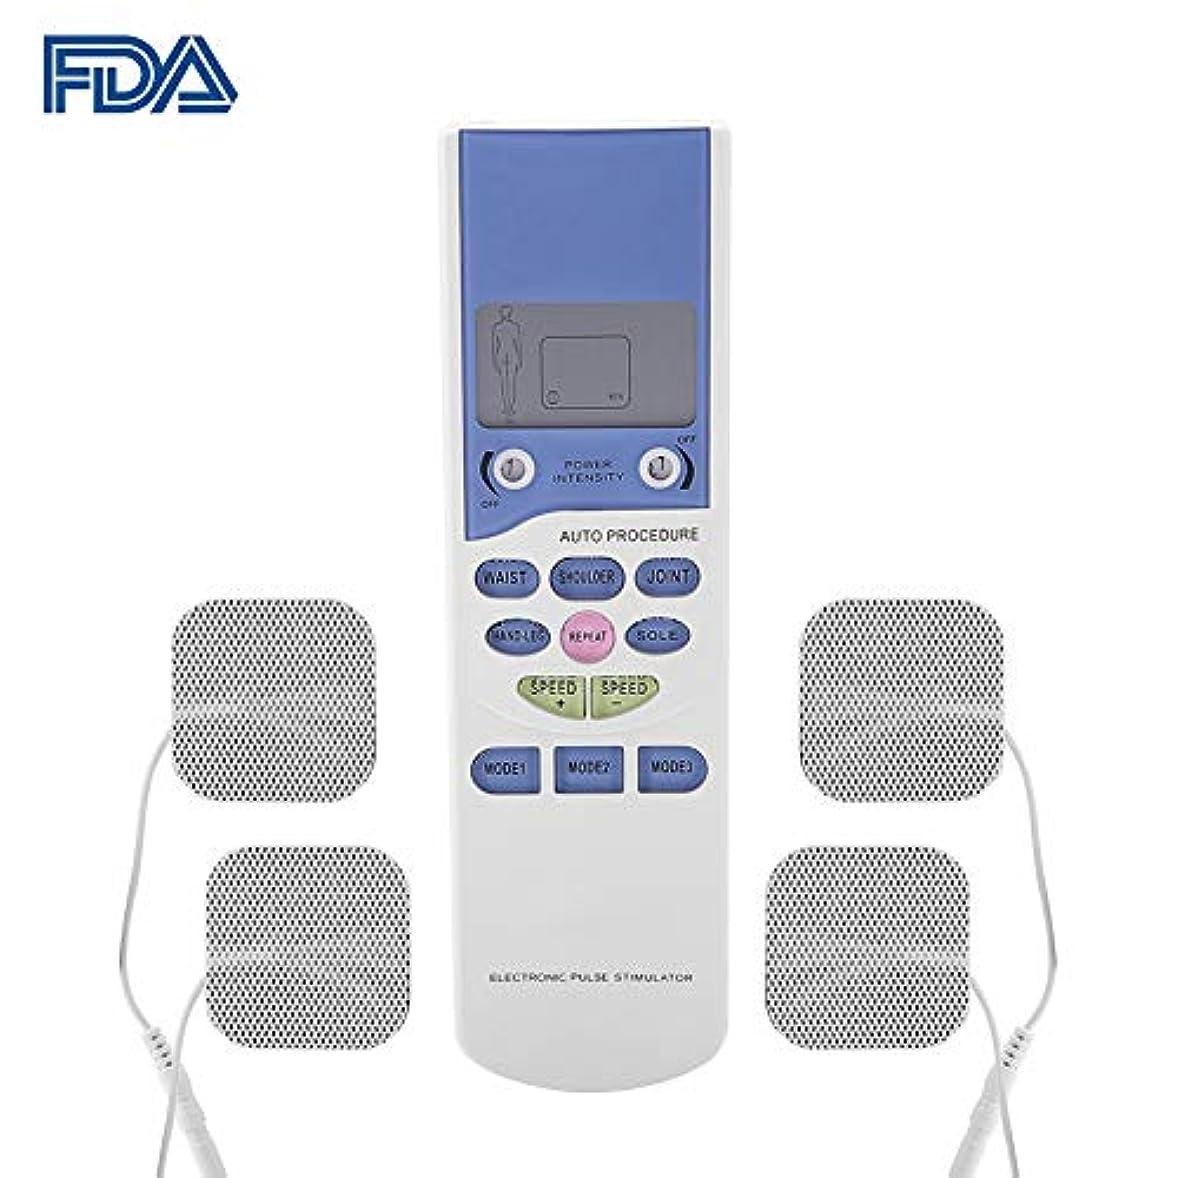 すでに大事にする申込みFDA電子パルスマッサージャー 装置10モード、多機能リモコンEMSマッサージャー電極パッド(背中/肩/首の痛みの軽減用)